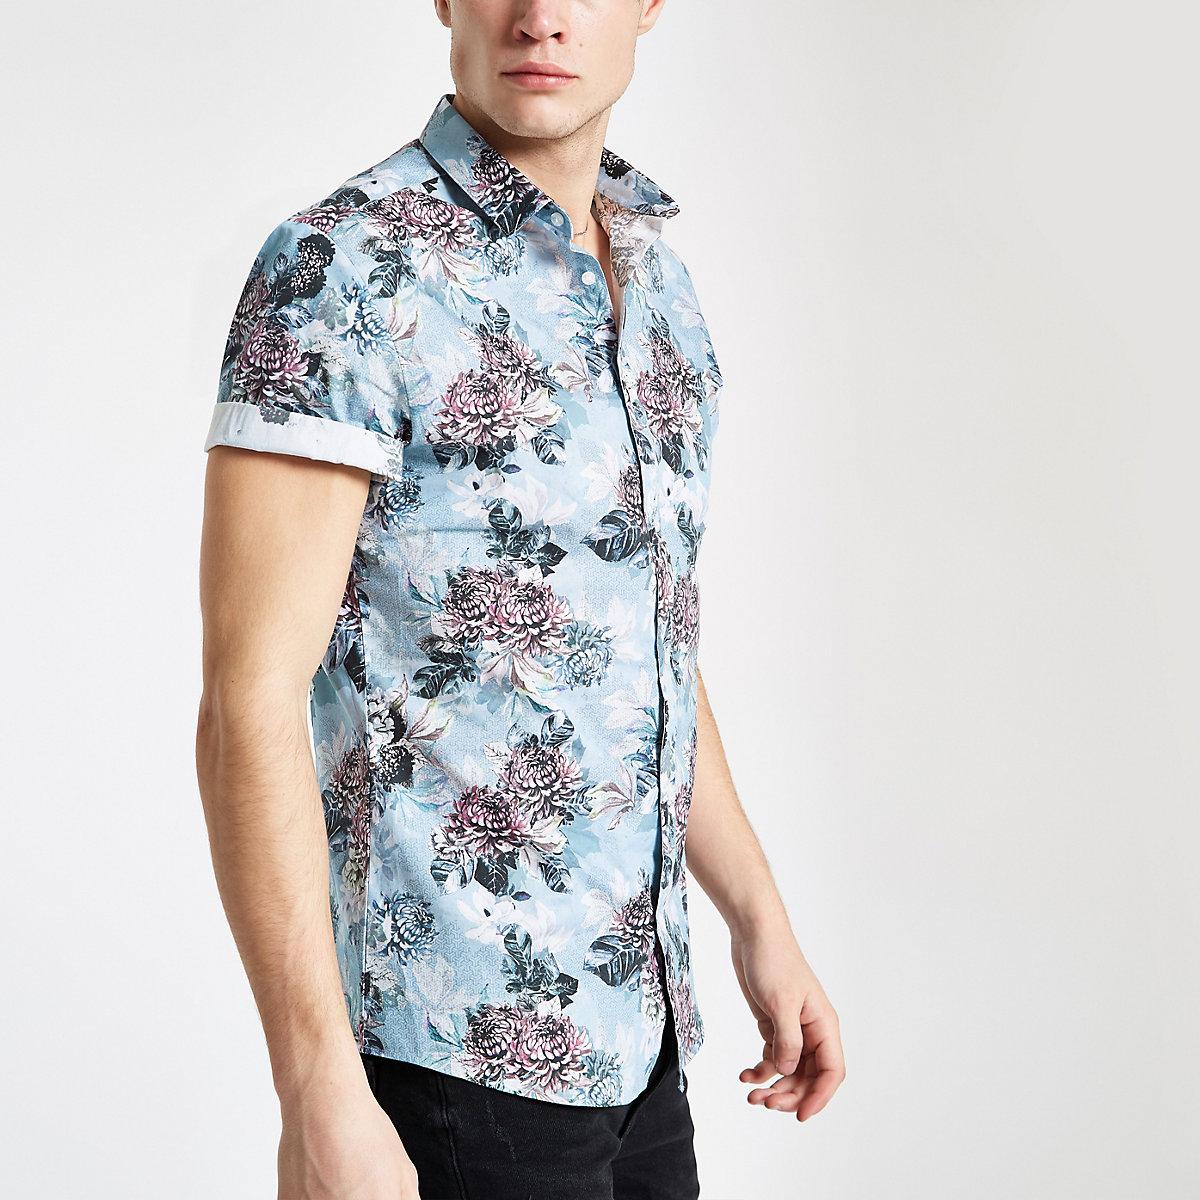 Blue floral slim fit short sleeve shirt